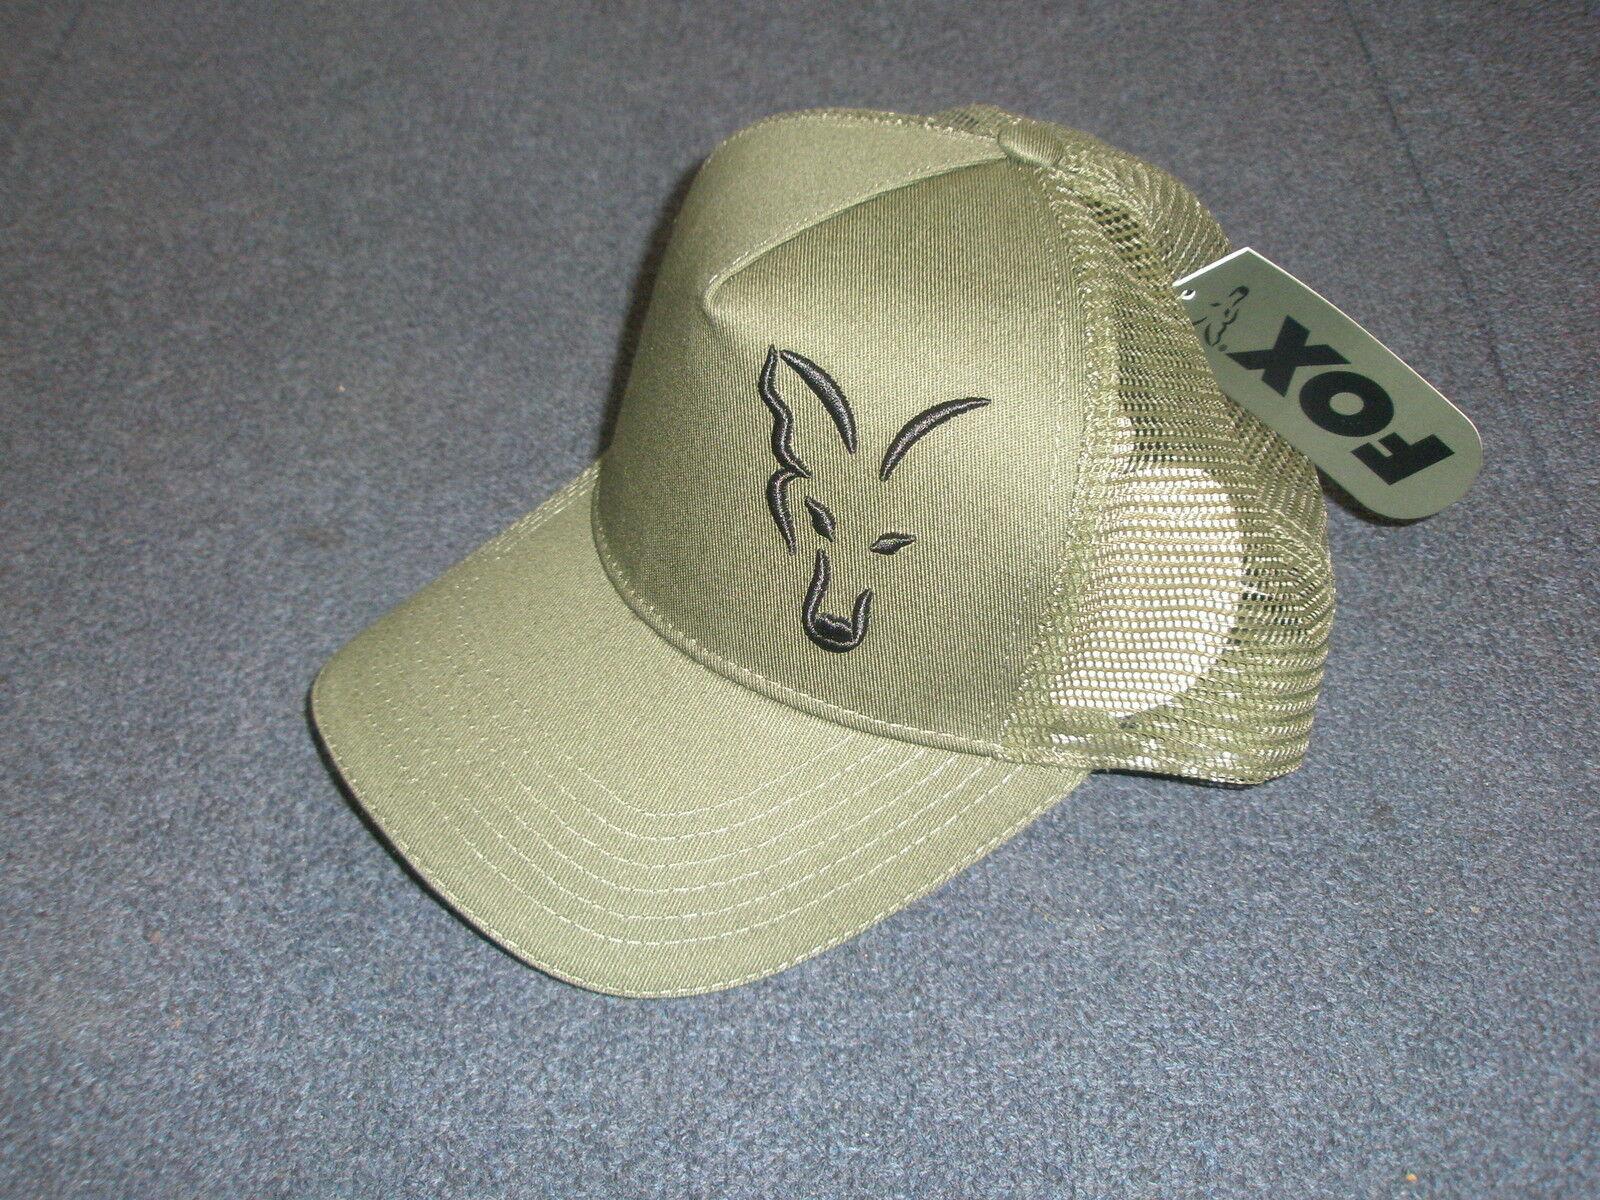 Fox Verde Negro Sombrero Gorra Camionero Pesca de de de Carpa Anzuelo  elige tu favorito